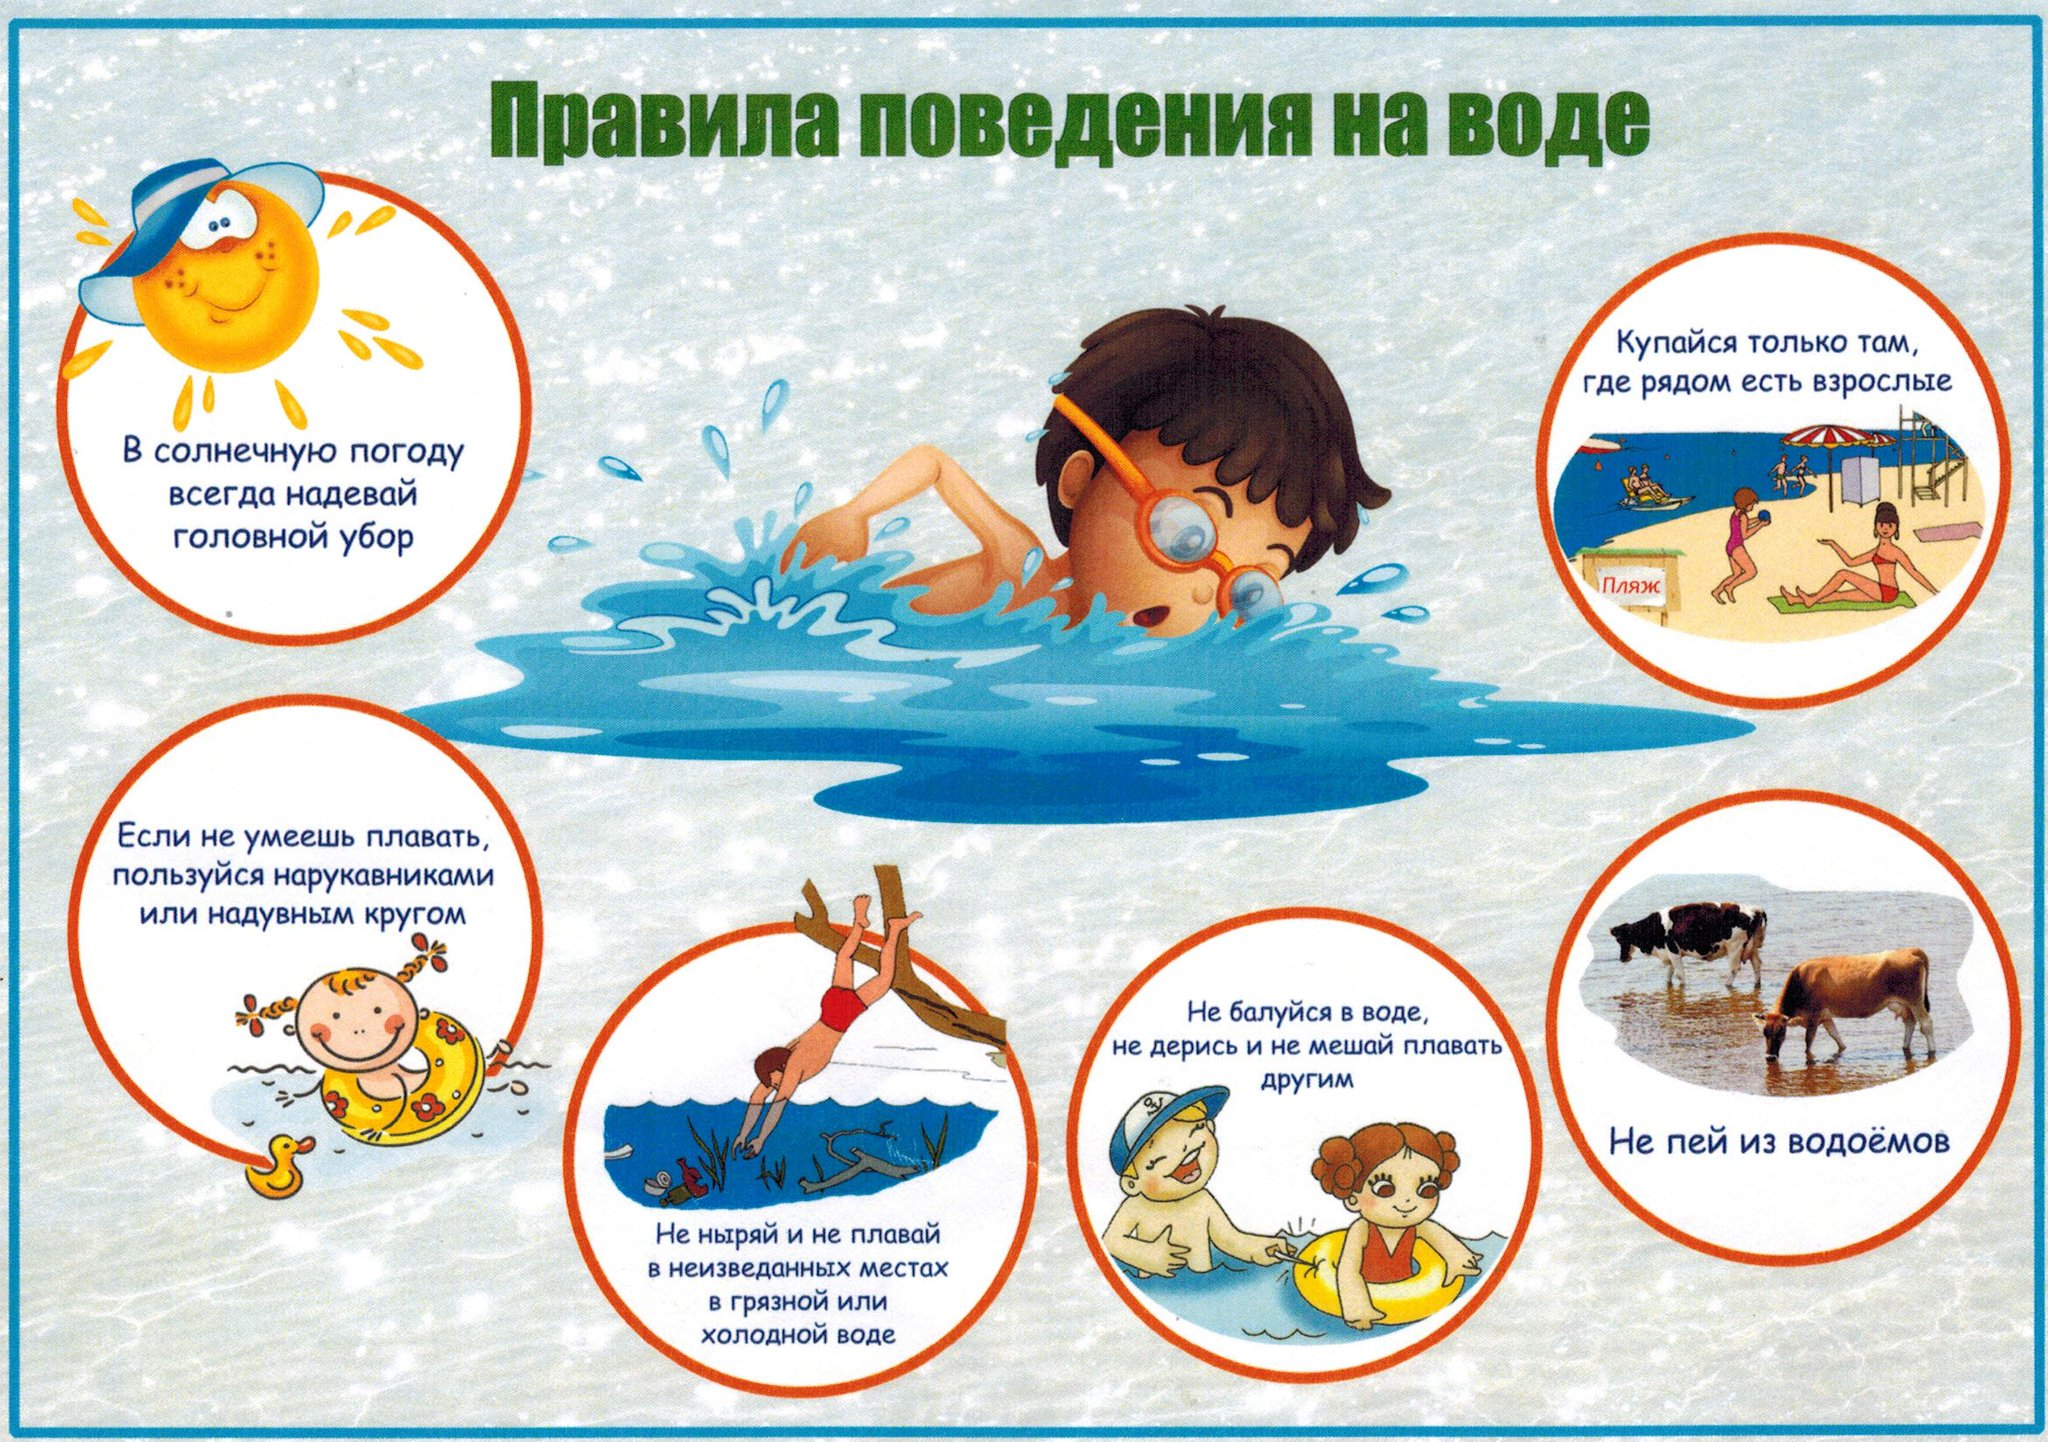 Правила поведения на воде в летний период